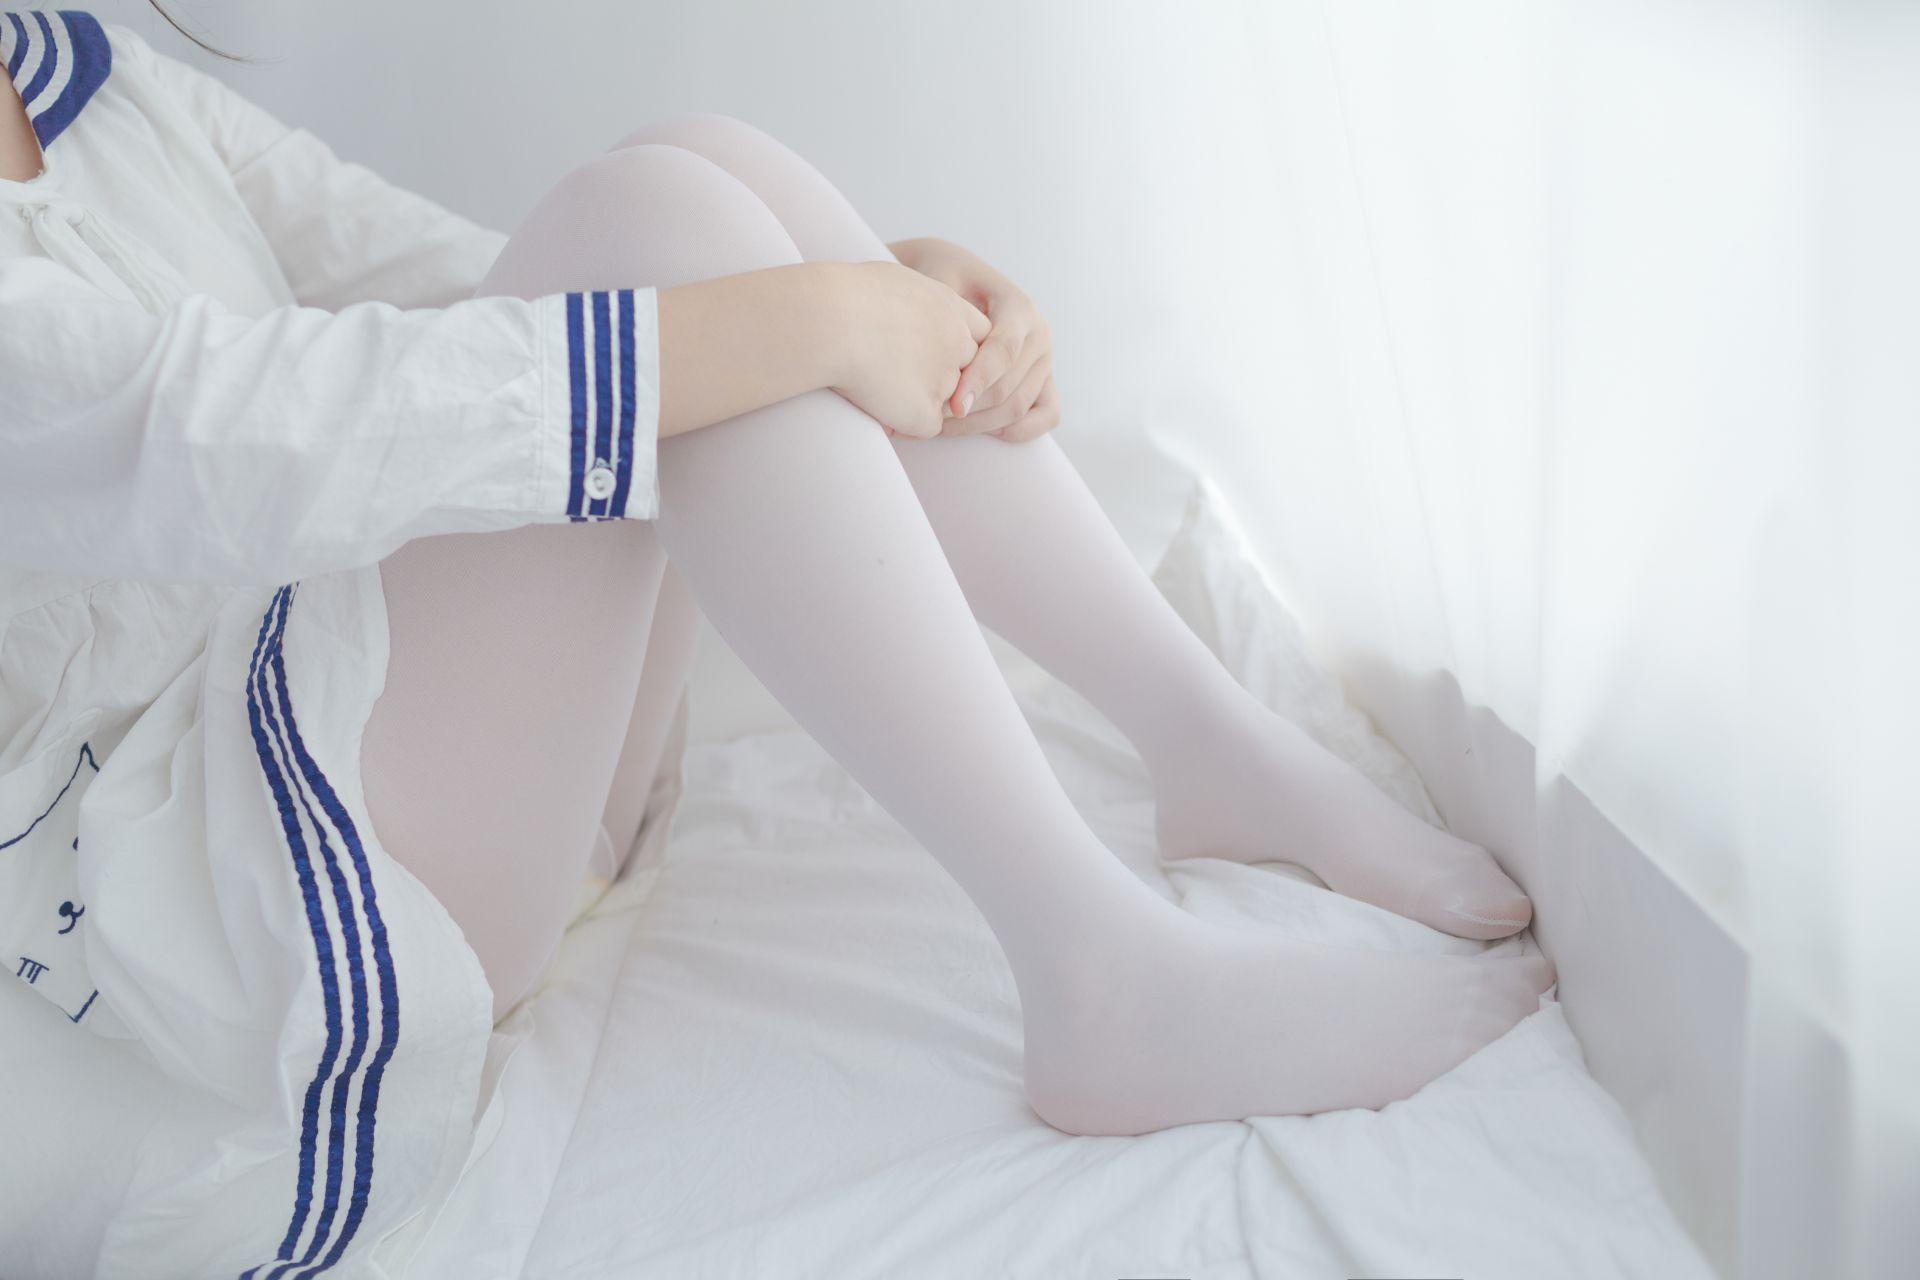 少女秩序 VOL.009 诱人的白丝长腿 兔玩映画 第32张